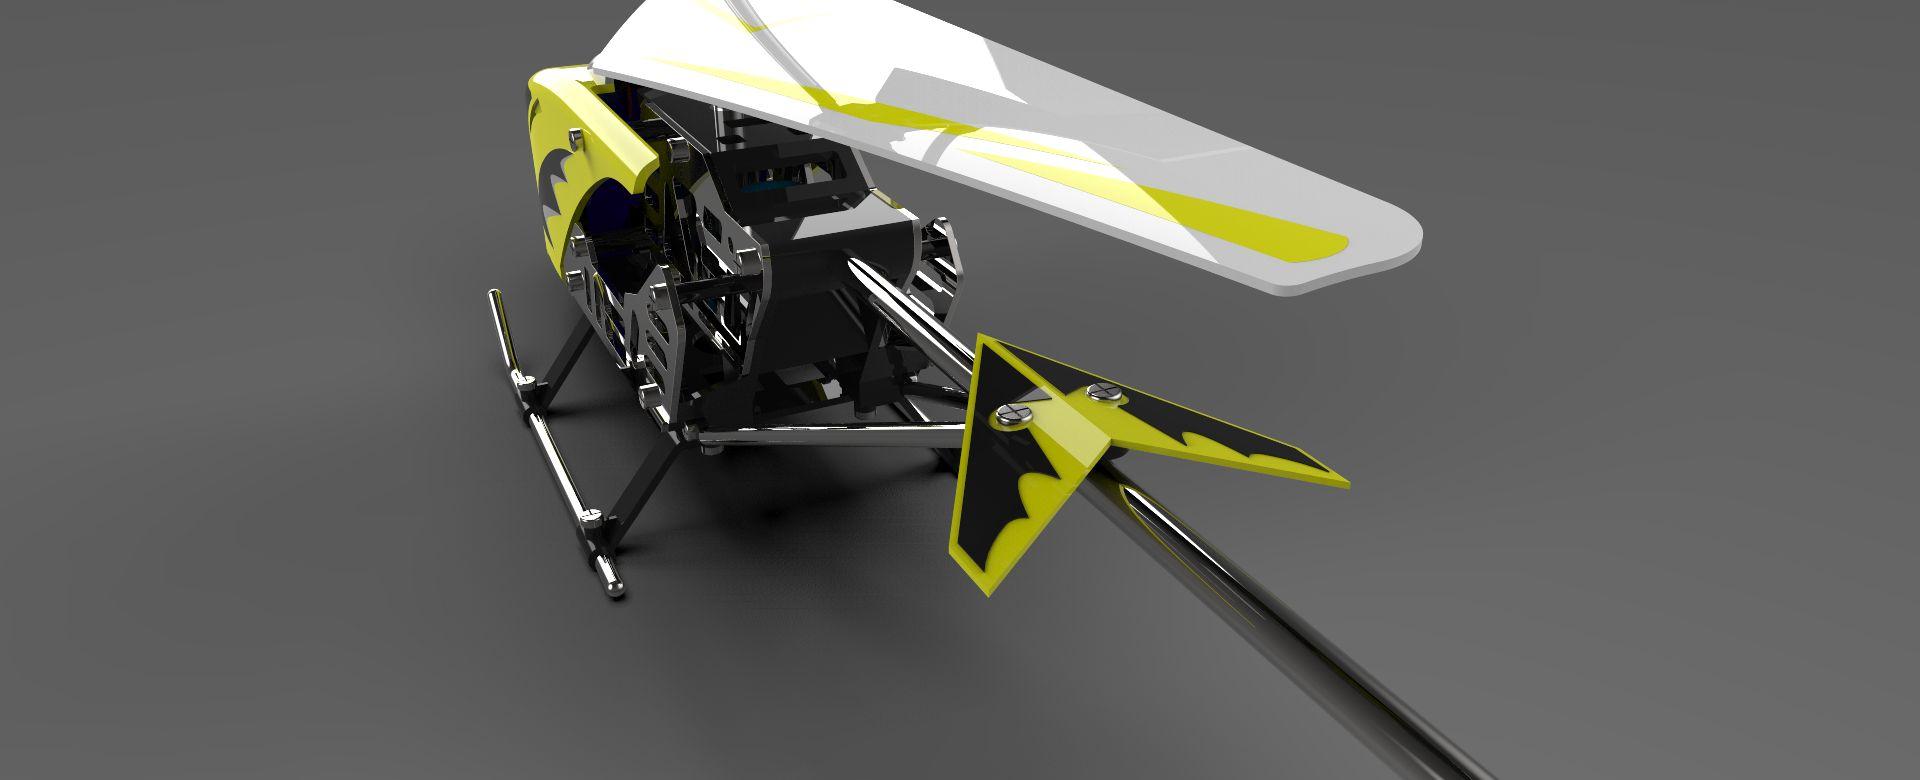 Choper-173-3500-3500